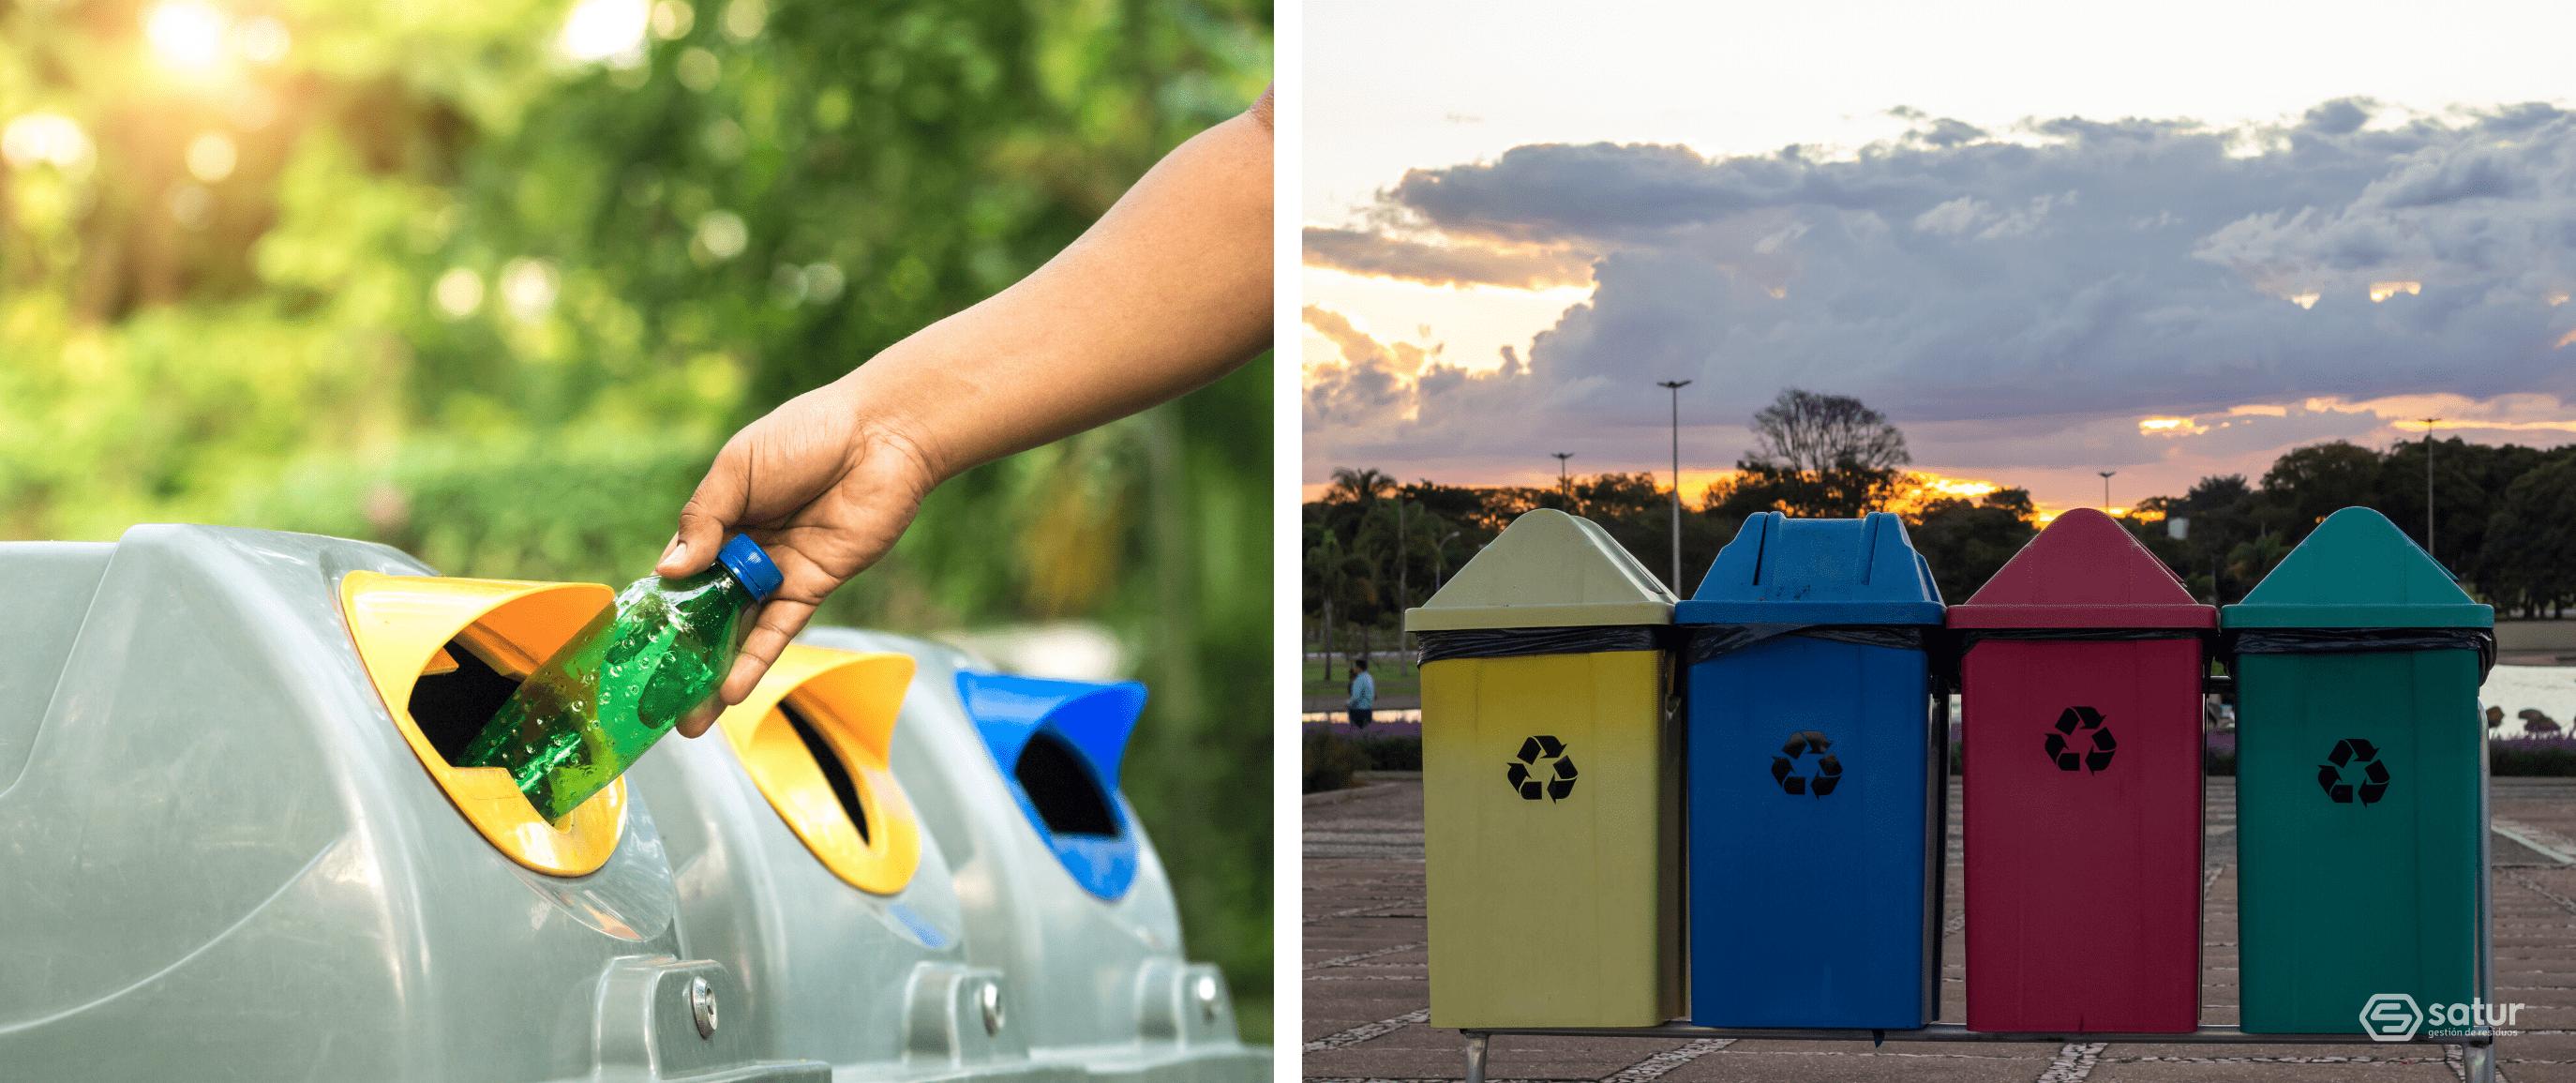 Contenedores para reciclar los residuos urbanos